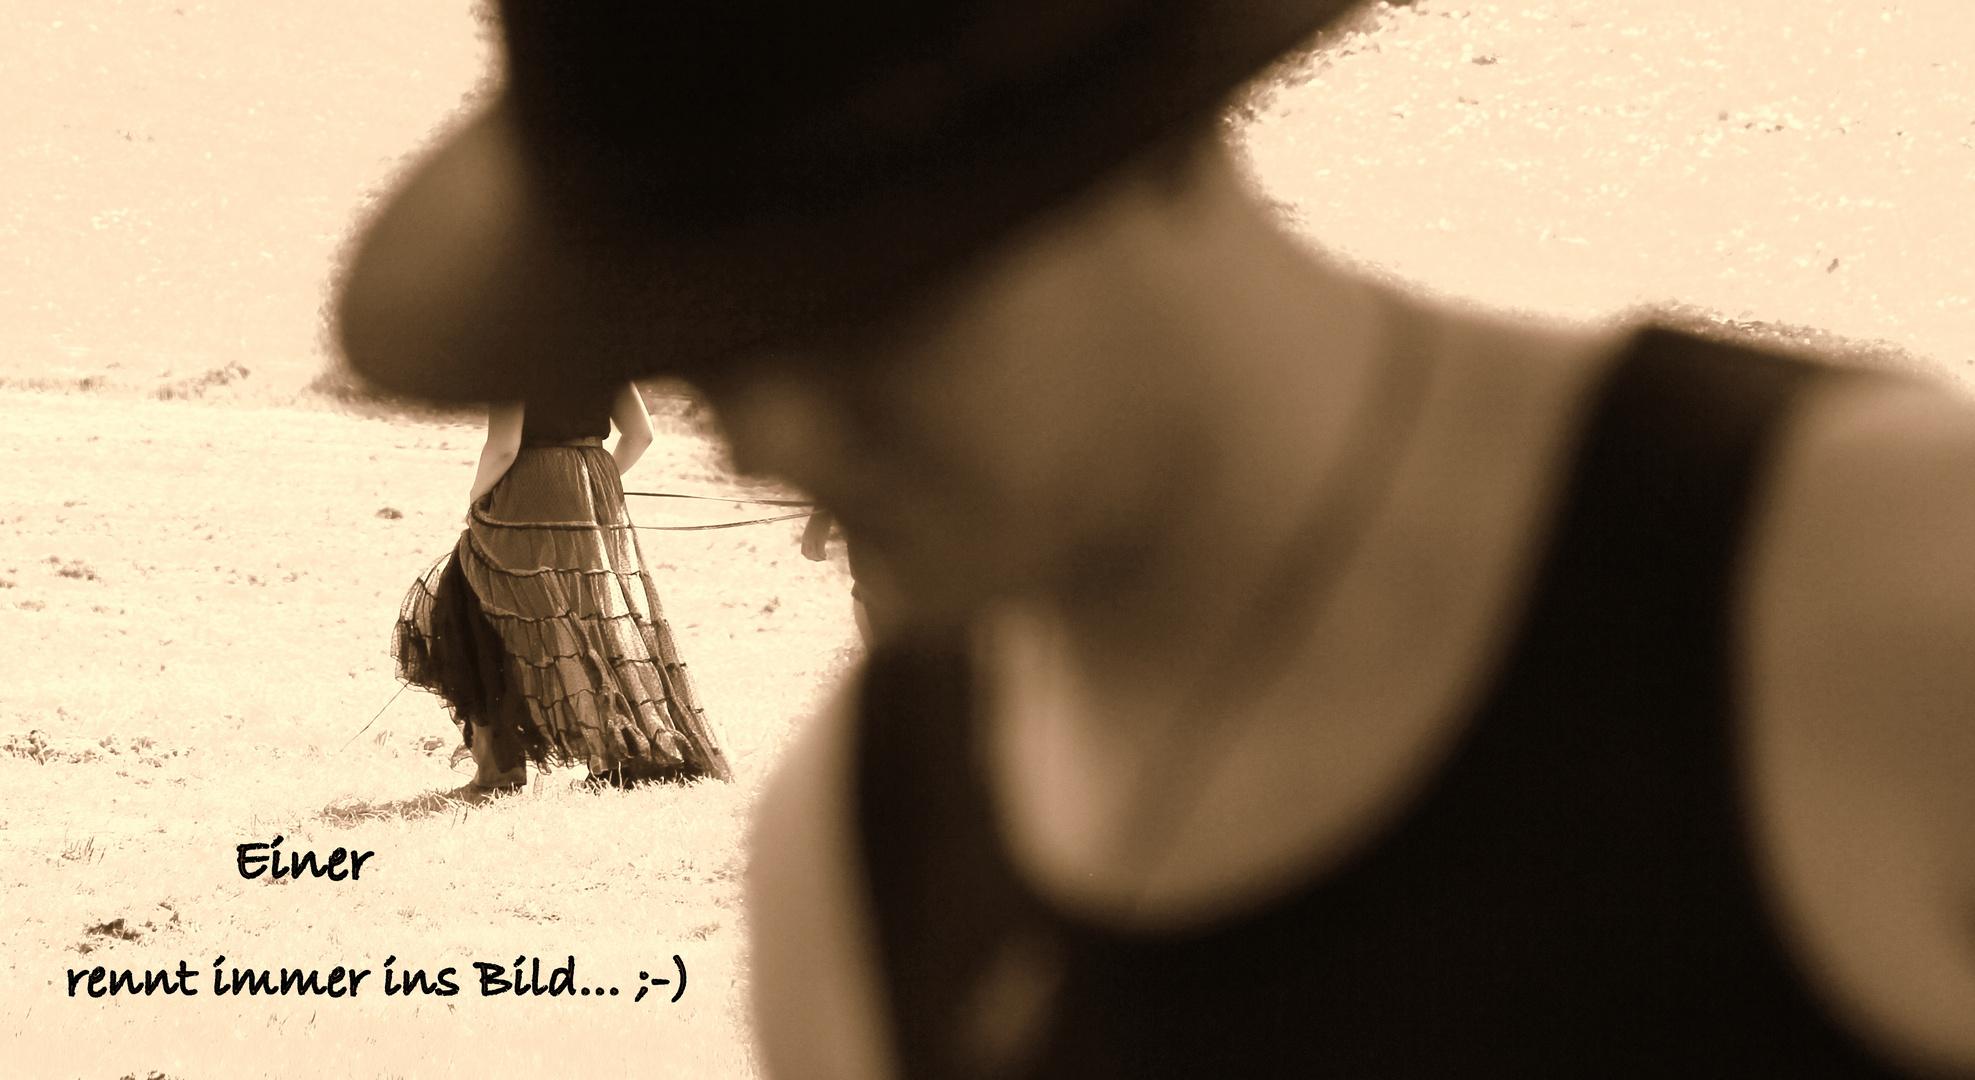 Einer rennt immer ins Bild... ;-)